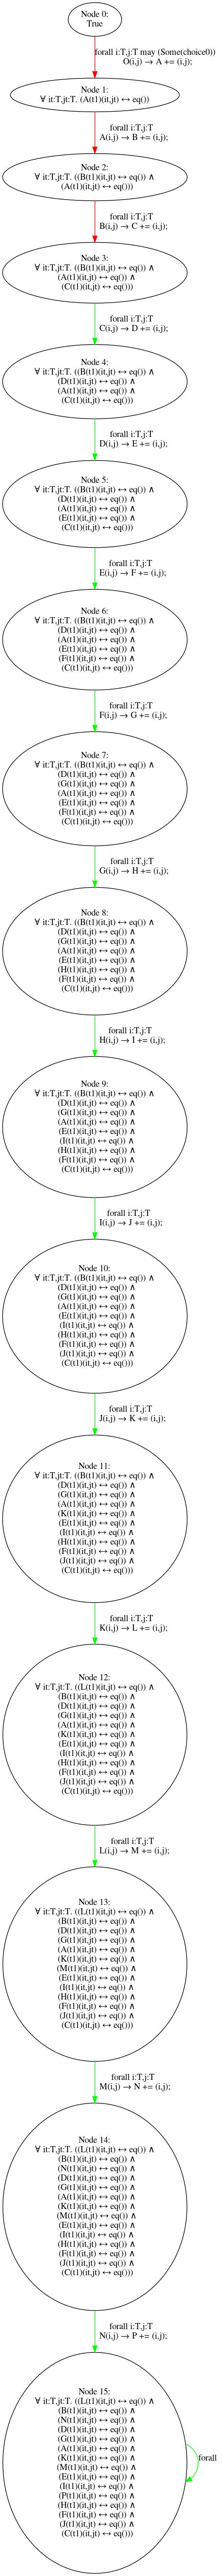 results/nonomitting/fixedarity15/fixedarity15_stubborn_alleq_13.png